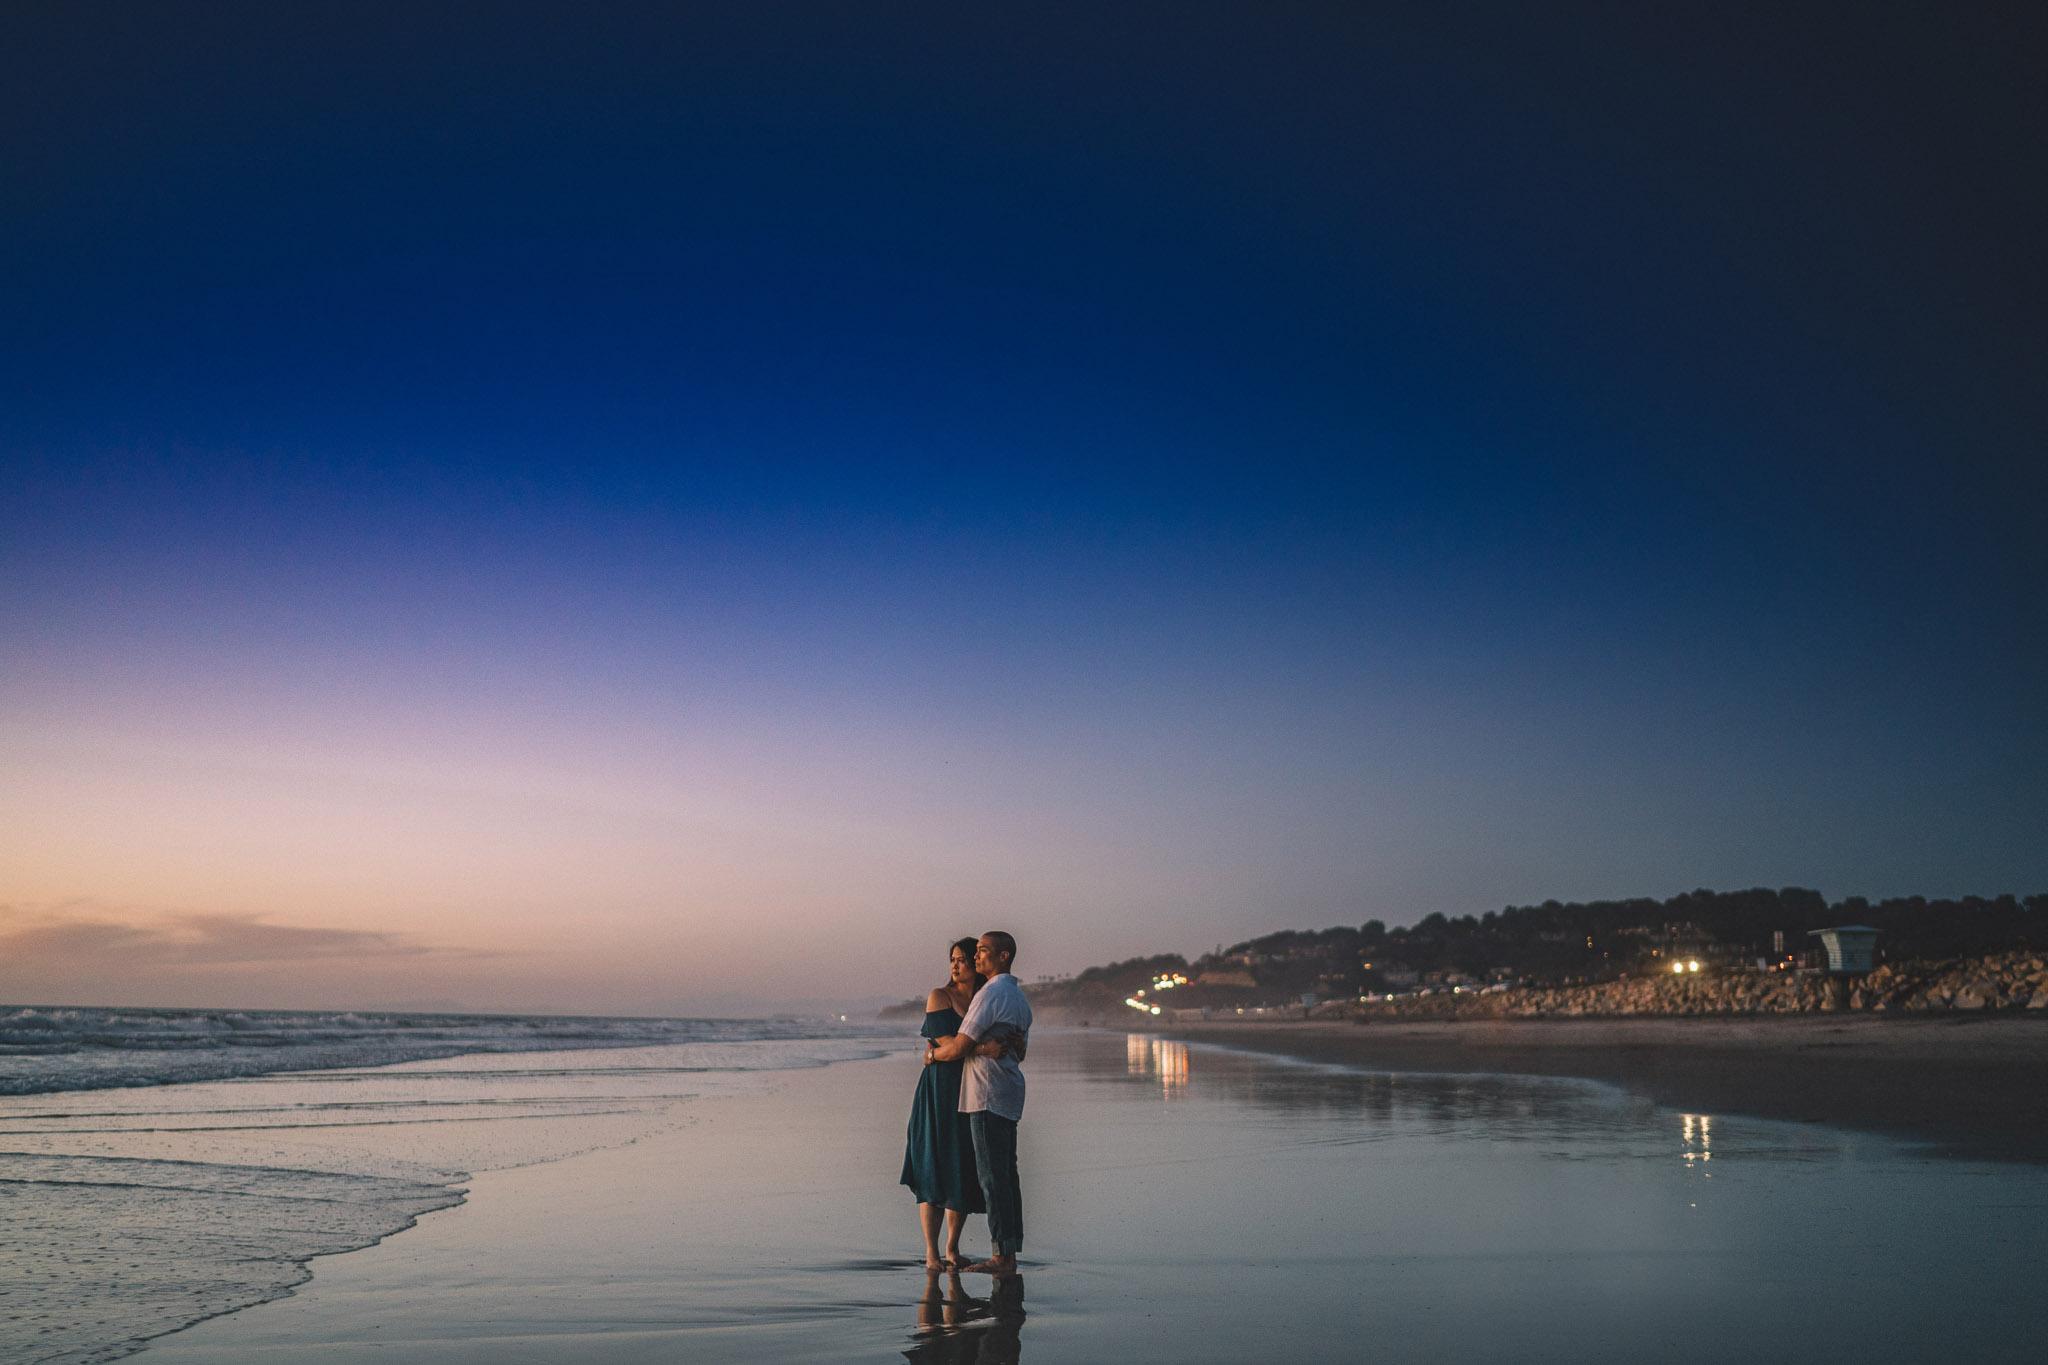 San Diego Torrey Pines State Beach Engagement